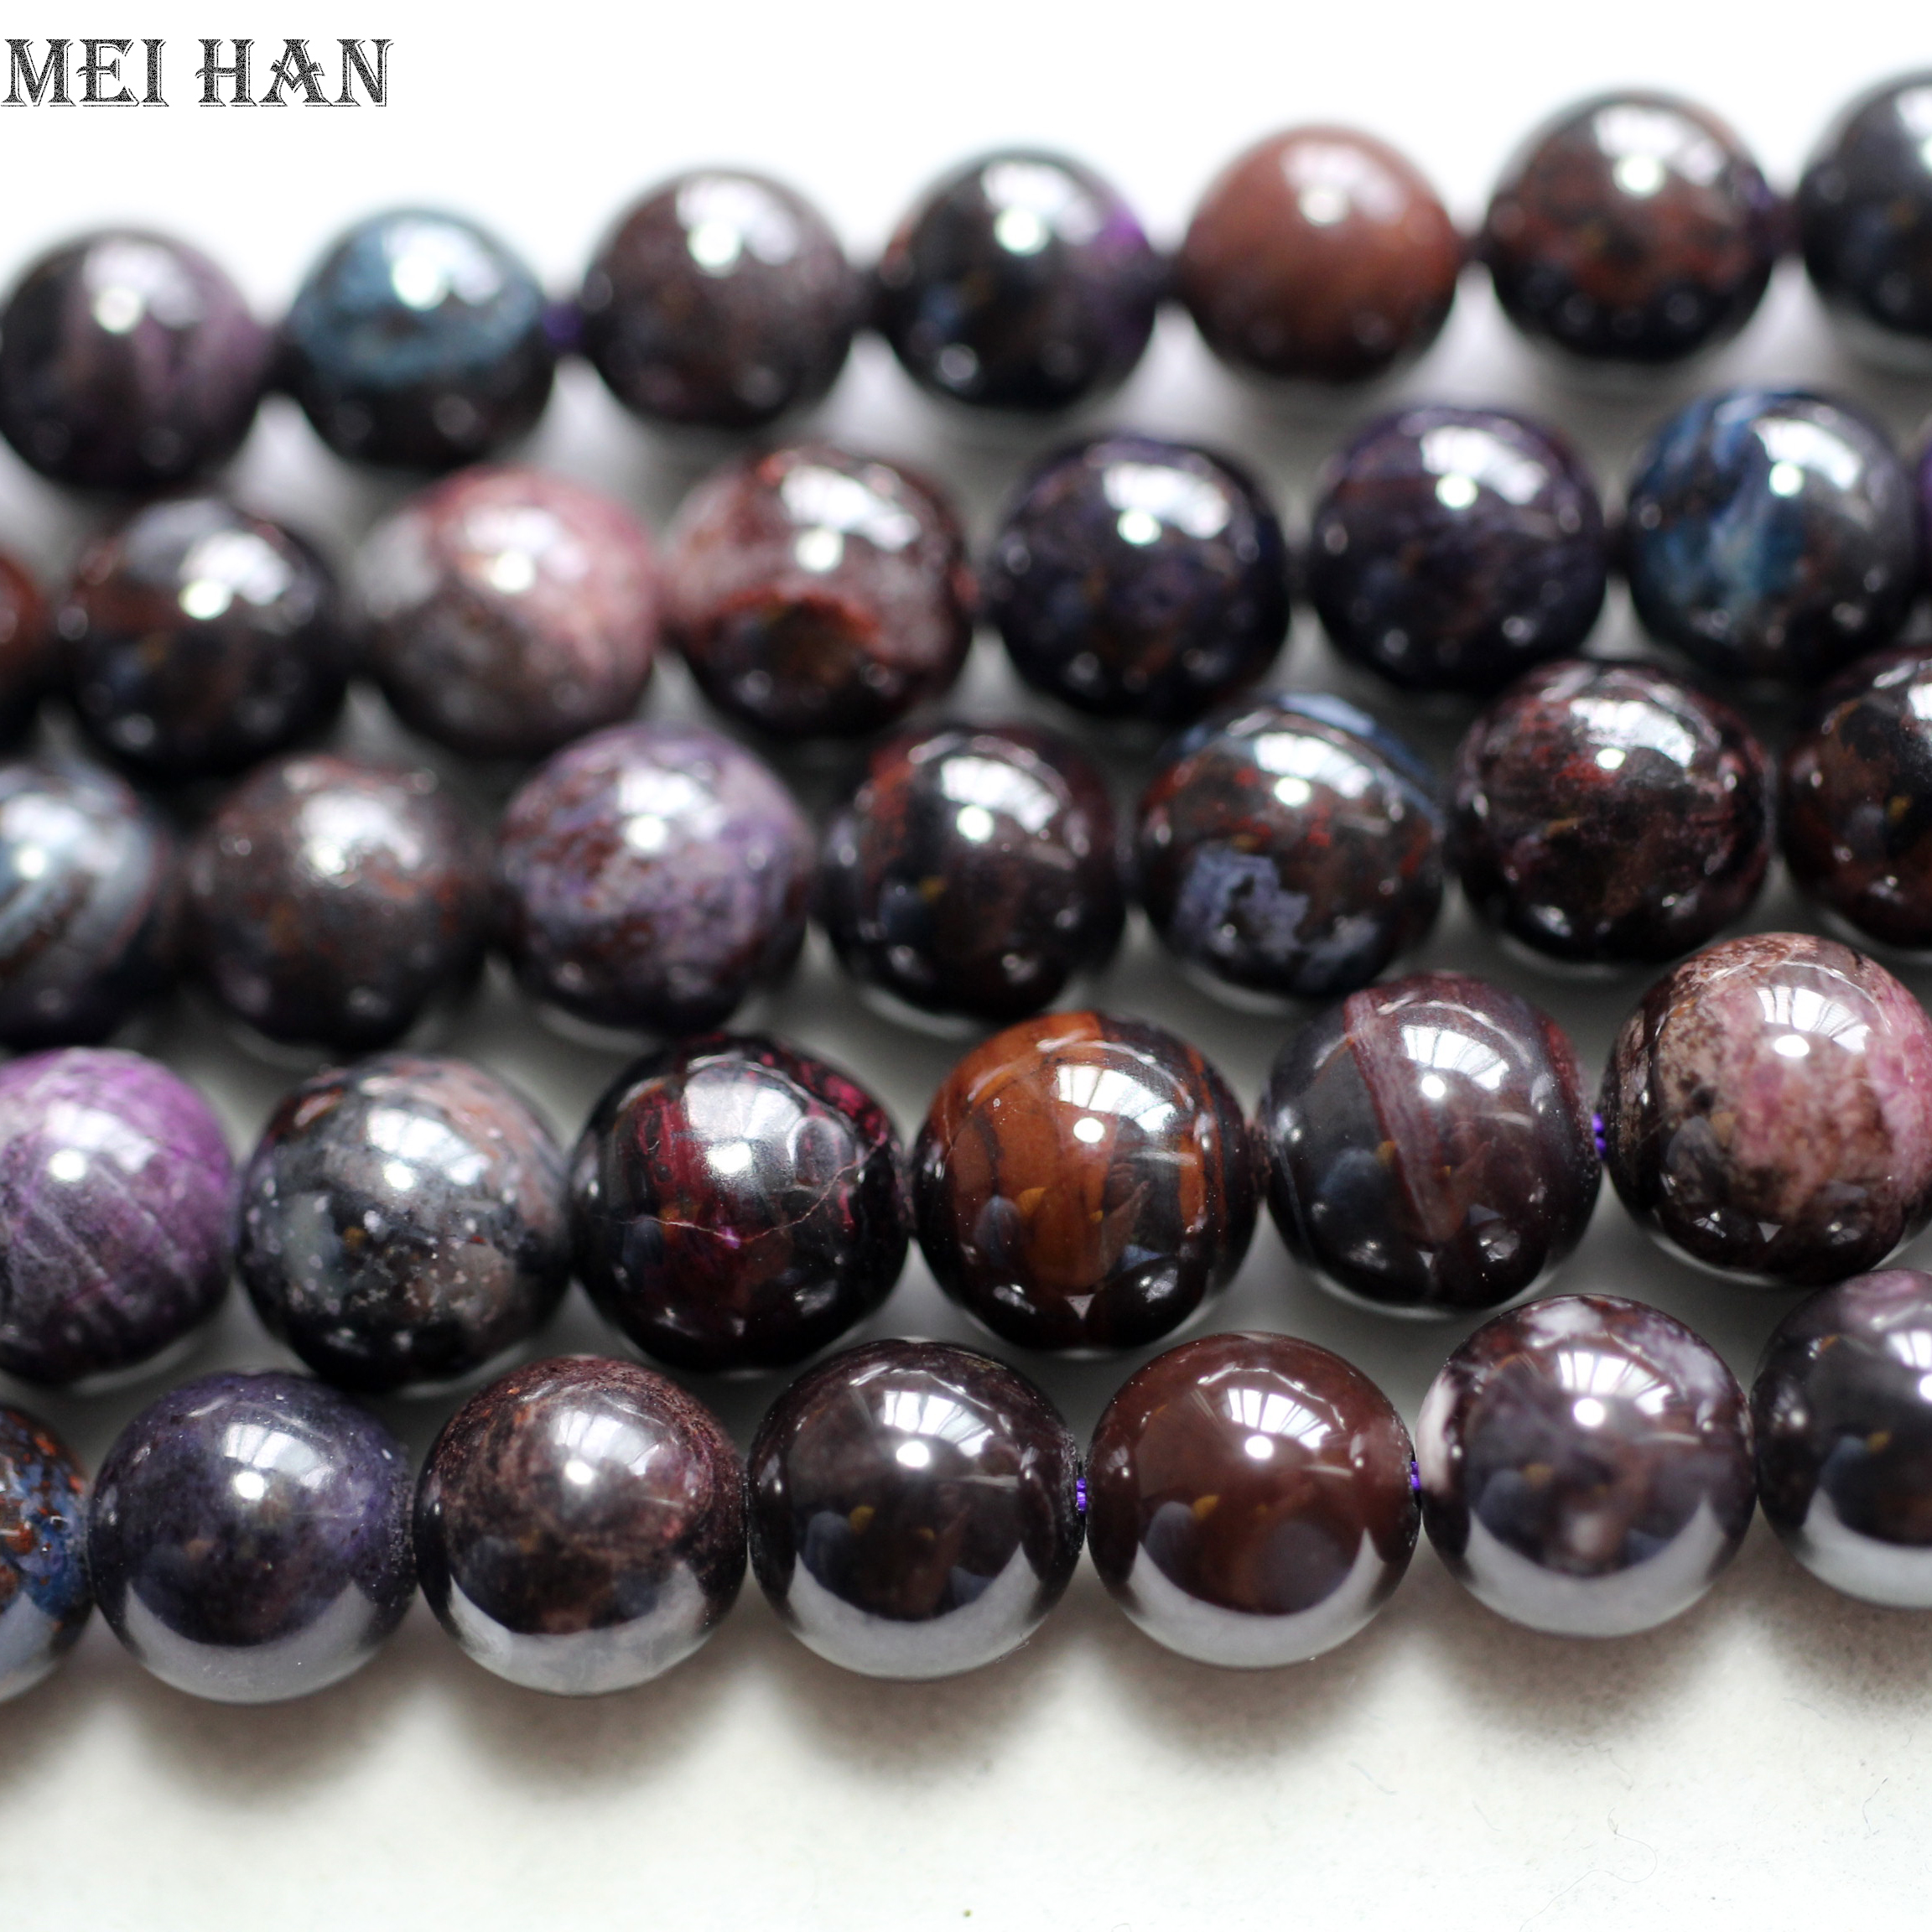 En gros naturel afrique du sud Sugilite 8.5mm + 0.2 (46 perles/ensemble/52g) lisse ronde lâche perles pierre pour faire la conception de bijoux-in Perles from Bijoux et Accessoires    1